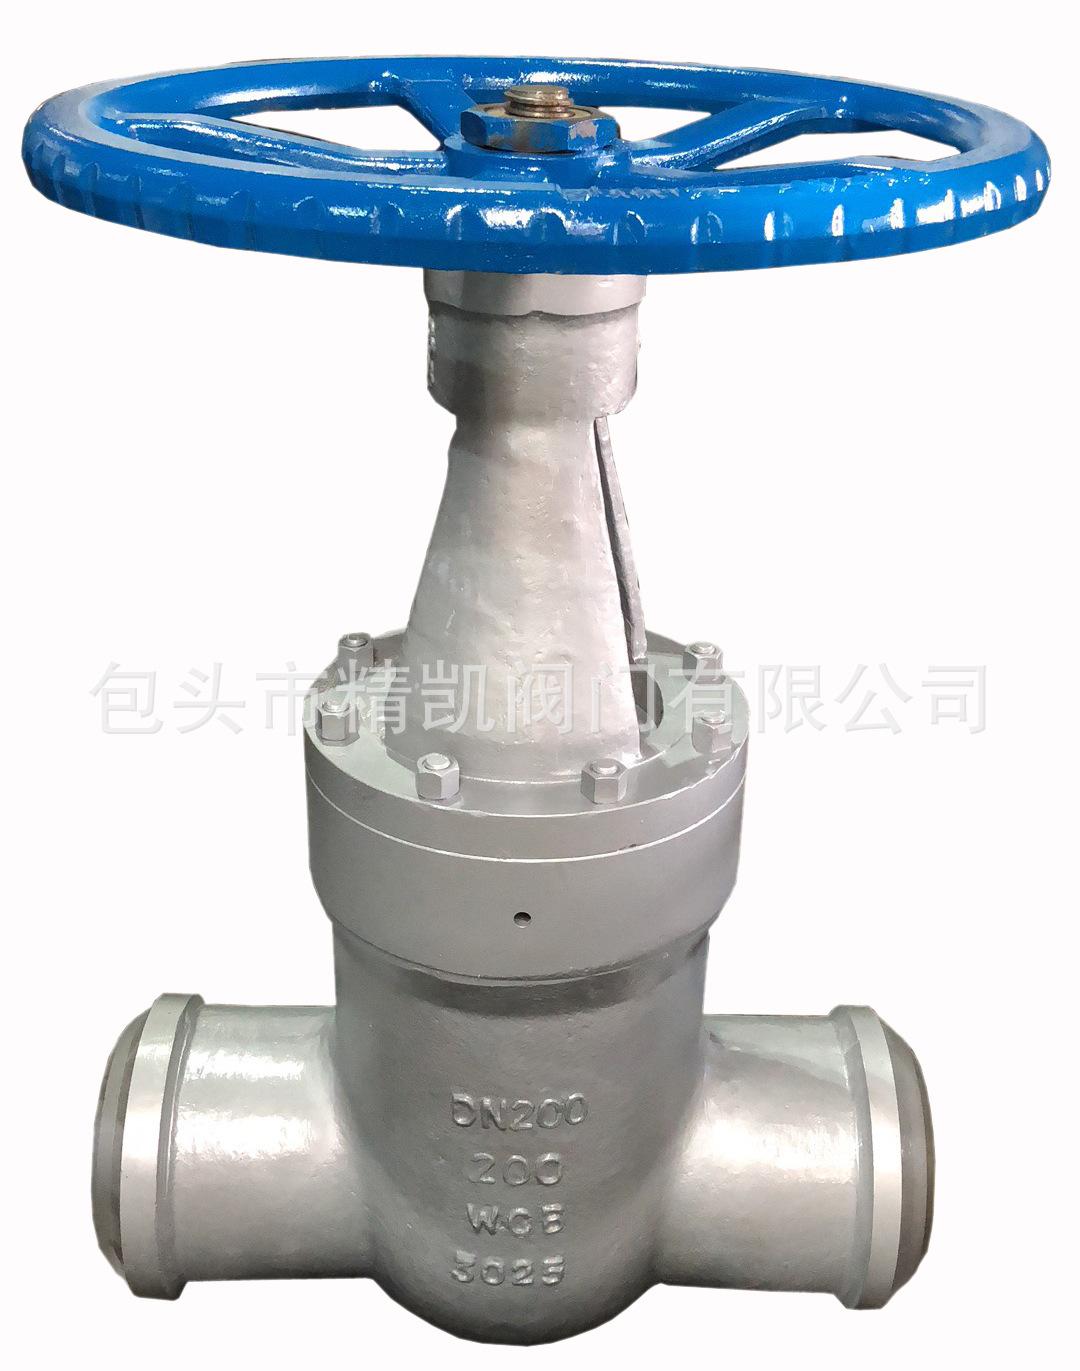 Z62Y-200/250/320C对焊高温高压双闸板双面自密封电站闸阀